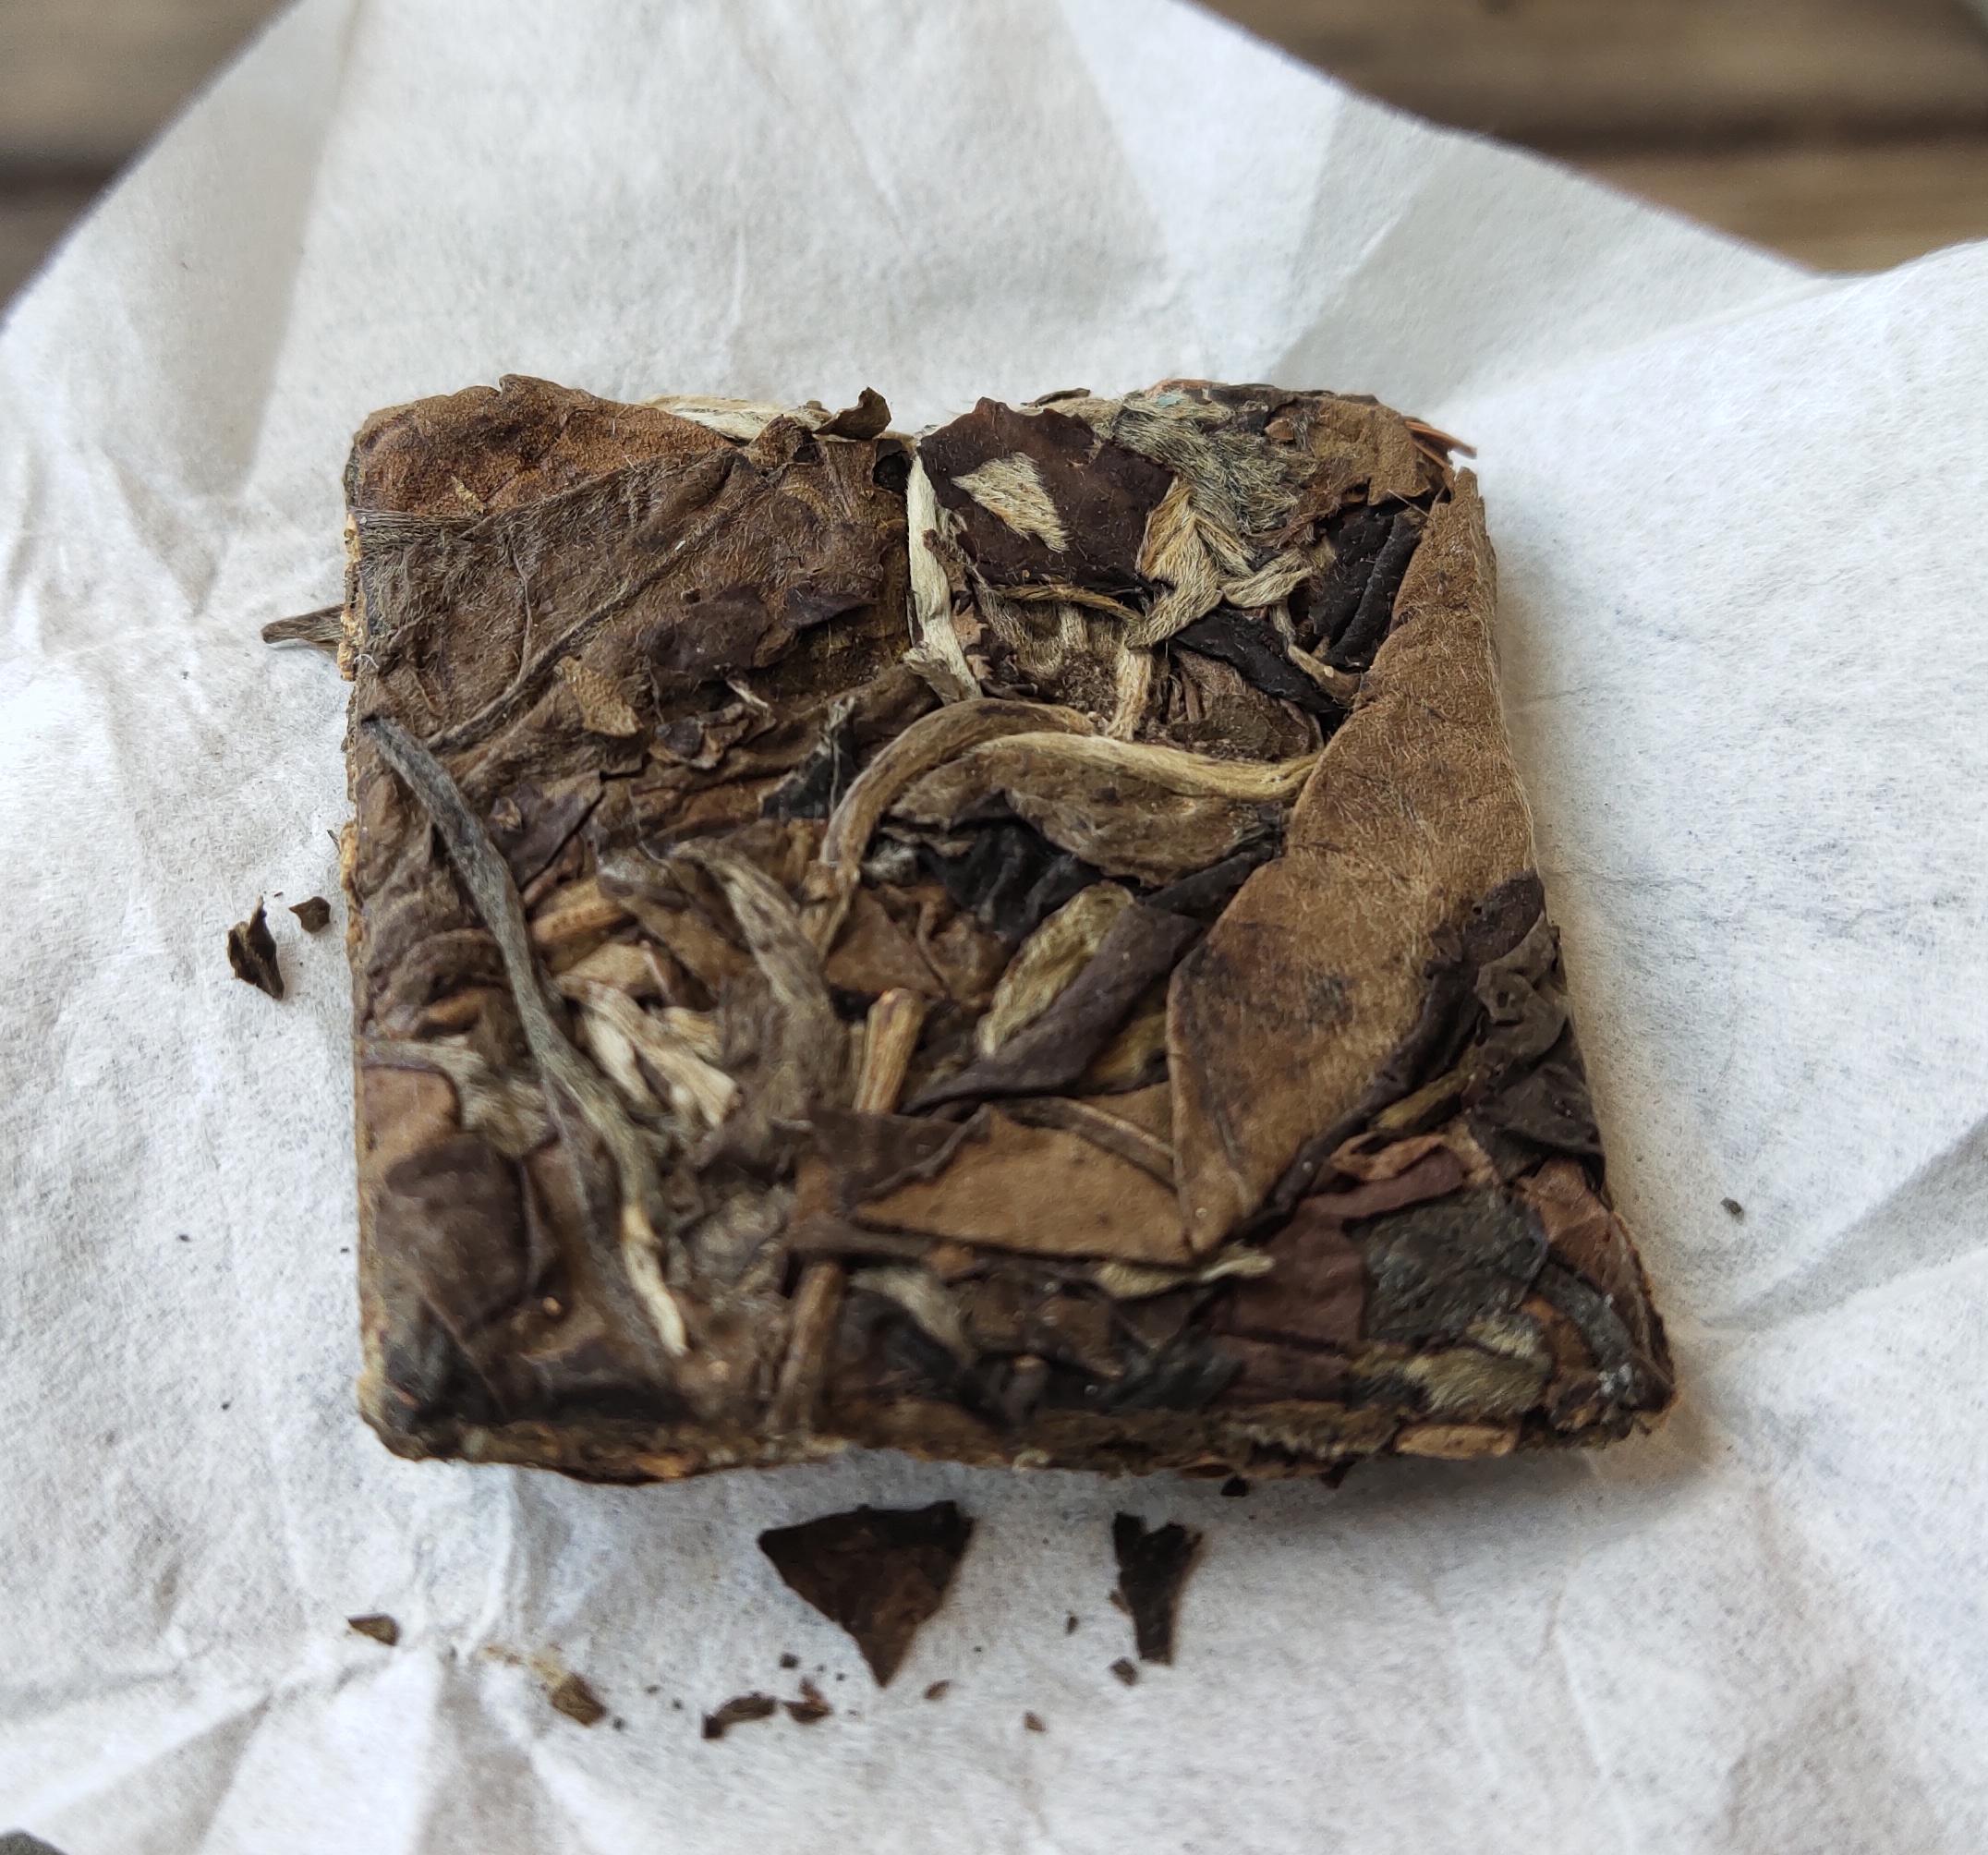 White tea, small white tea, health tea, weight loss tea, - 4uTea | 4uTea.com